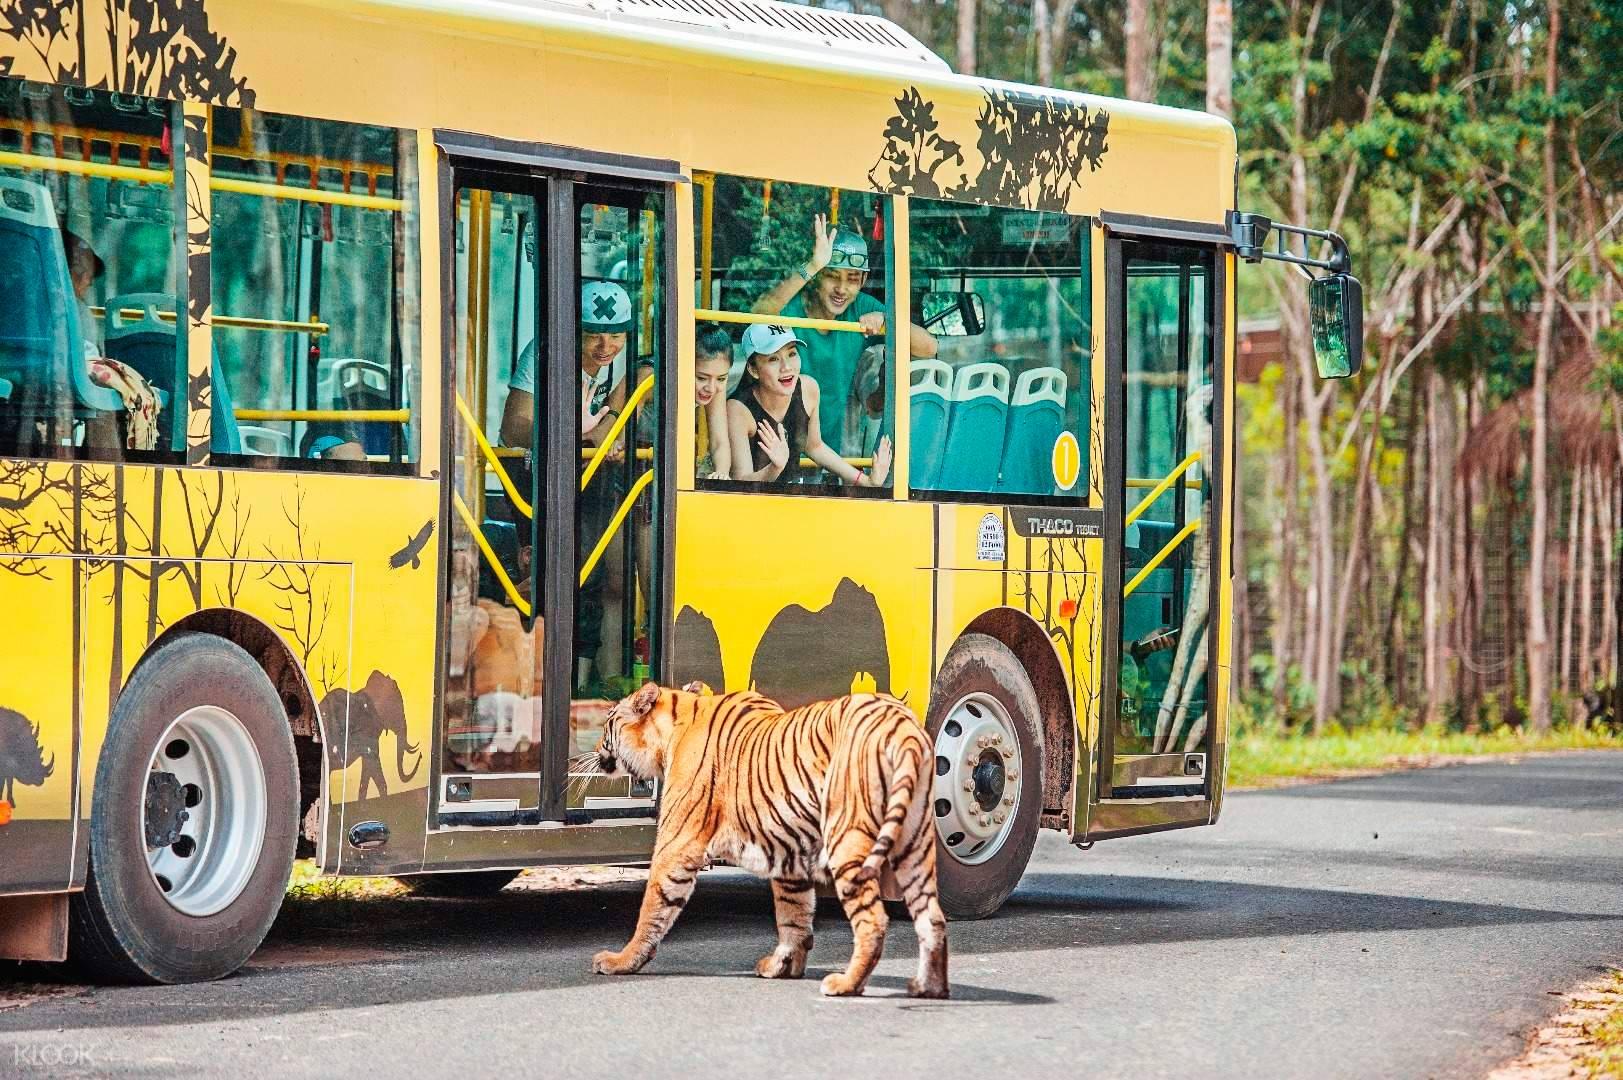 xe bus tham quan vinpearl safari Phú Quốc